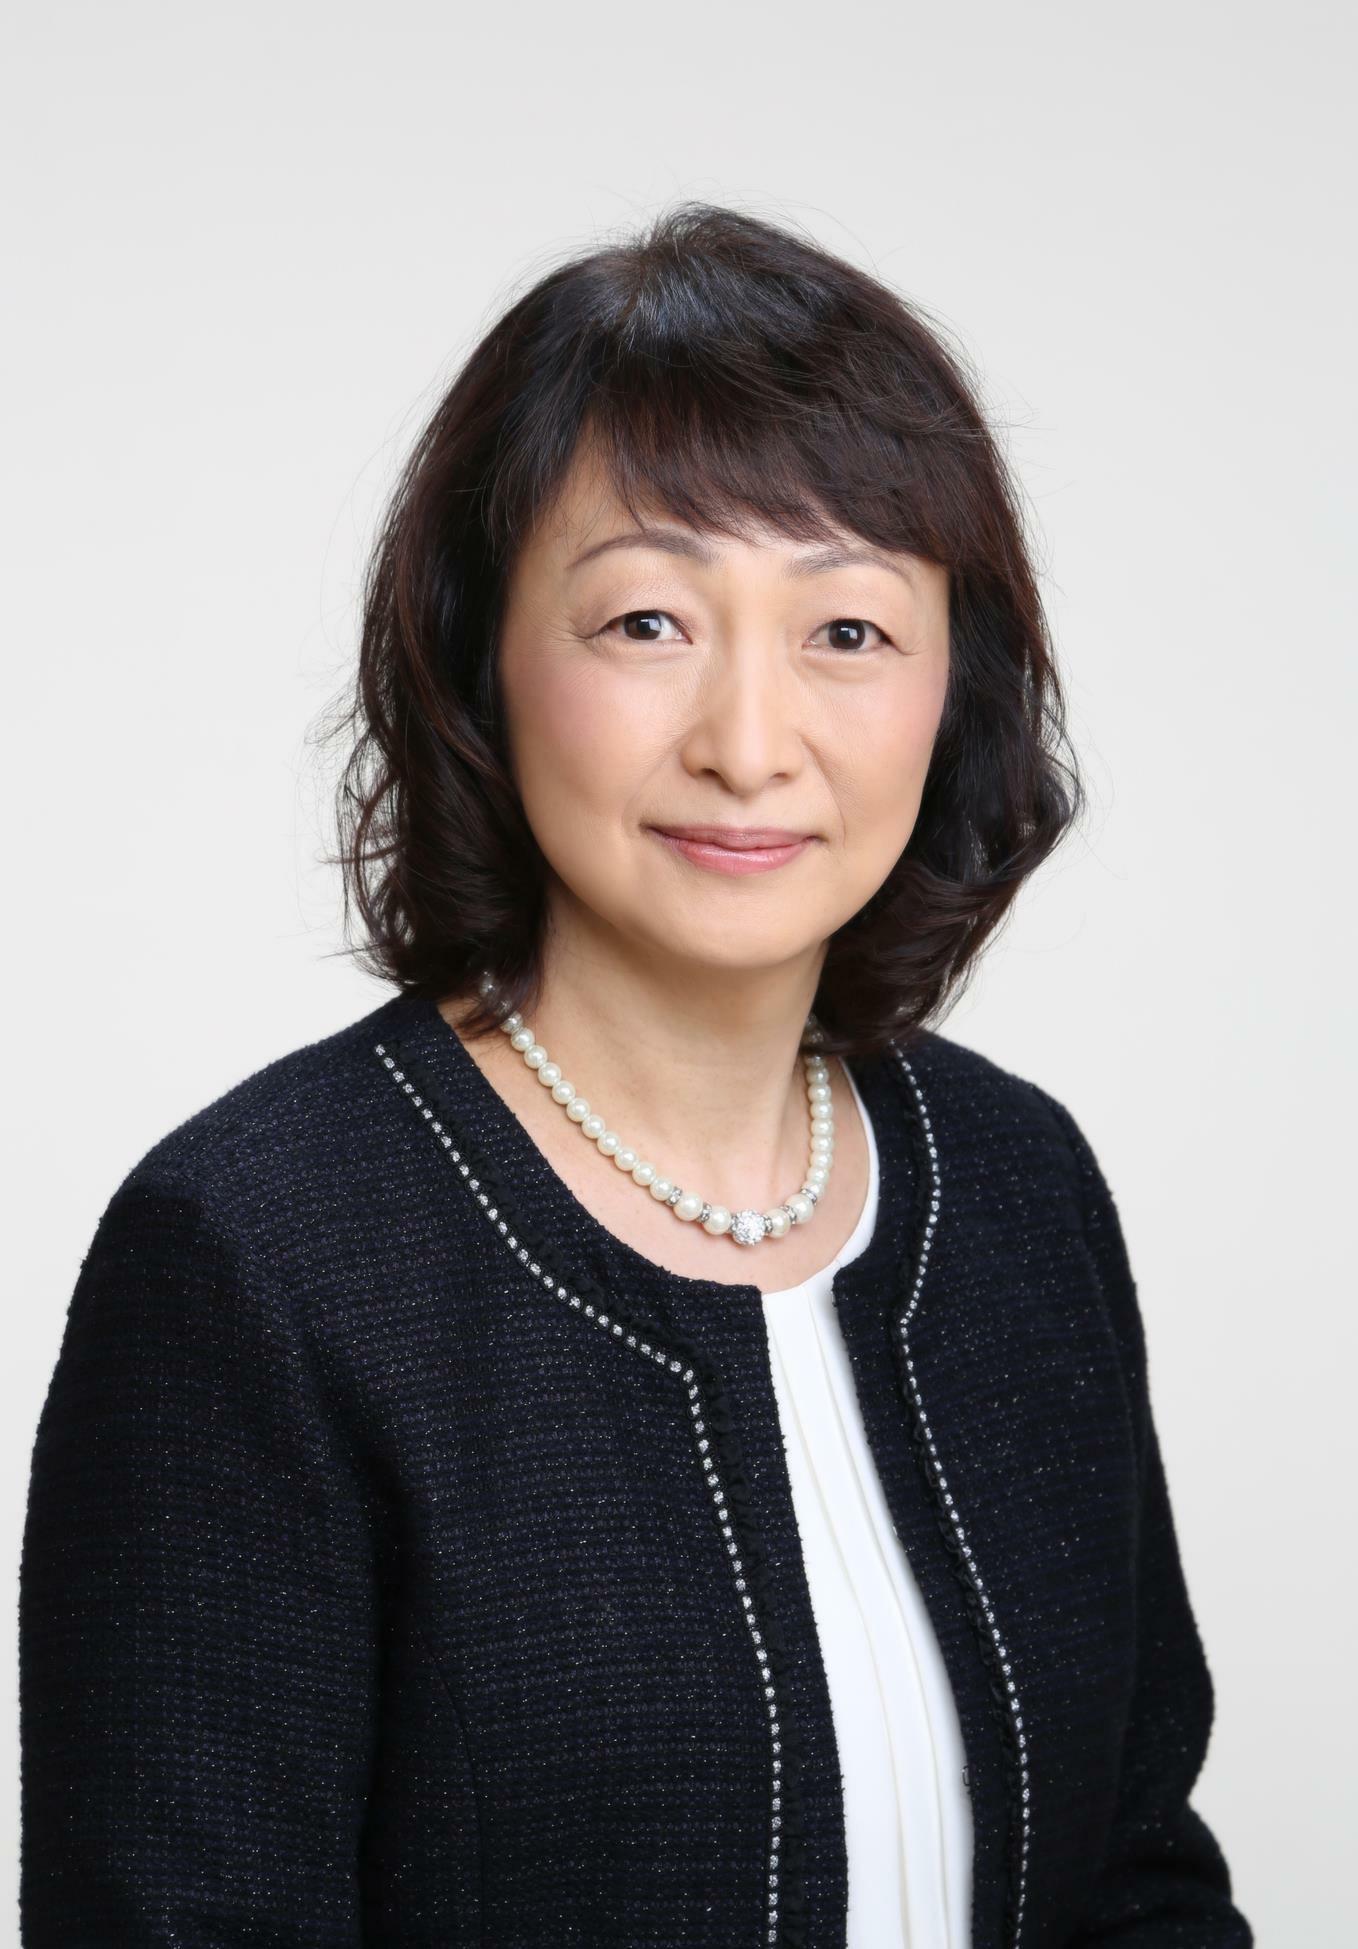 上松 恵理子